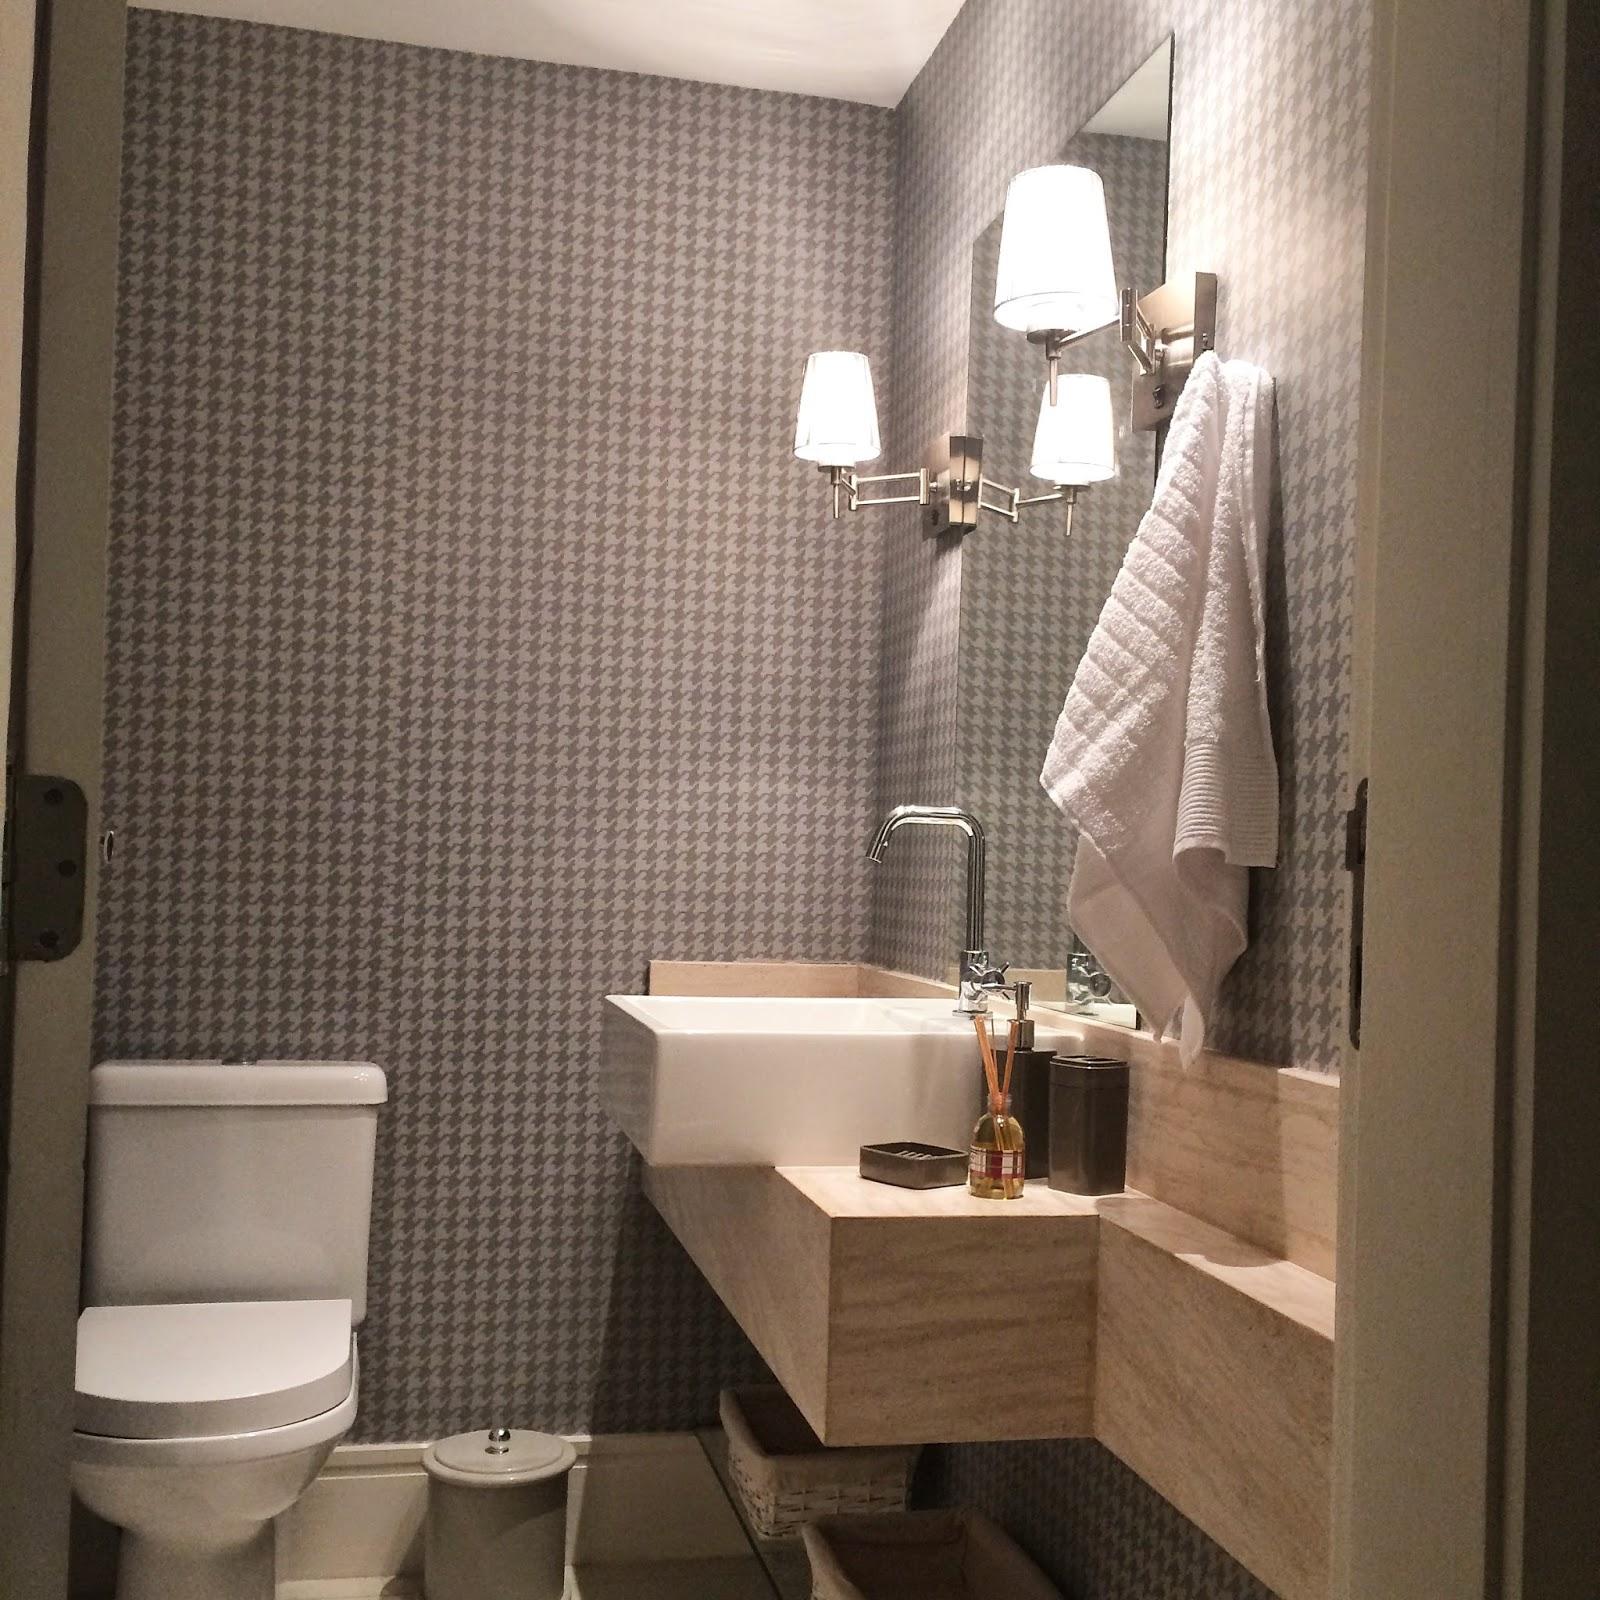 Blog Luz & Design: Lavabo bacana gastando pouco! #945A37 1600 1600